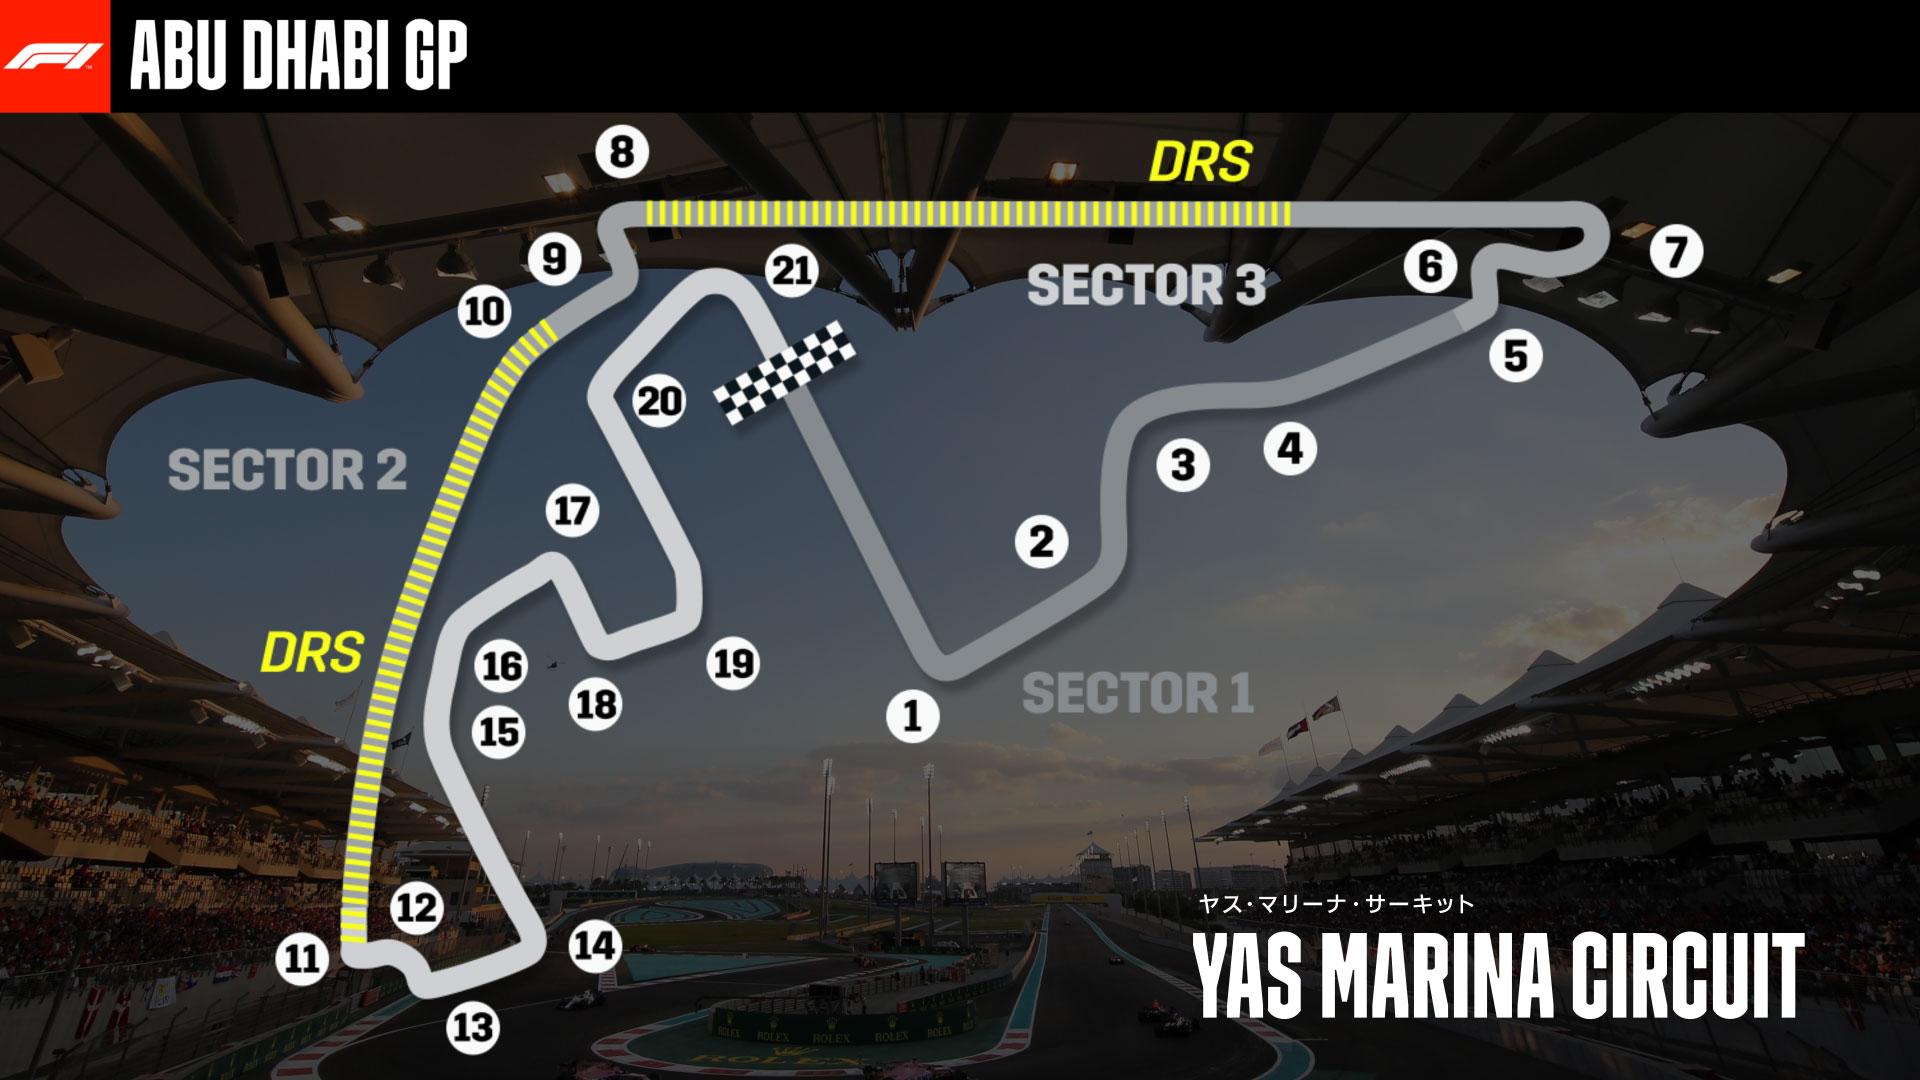 2020-10-01 17 Abu Dhabi United Arab Emirates Yas Marina Circuit